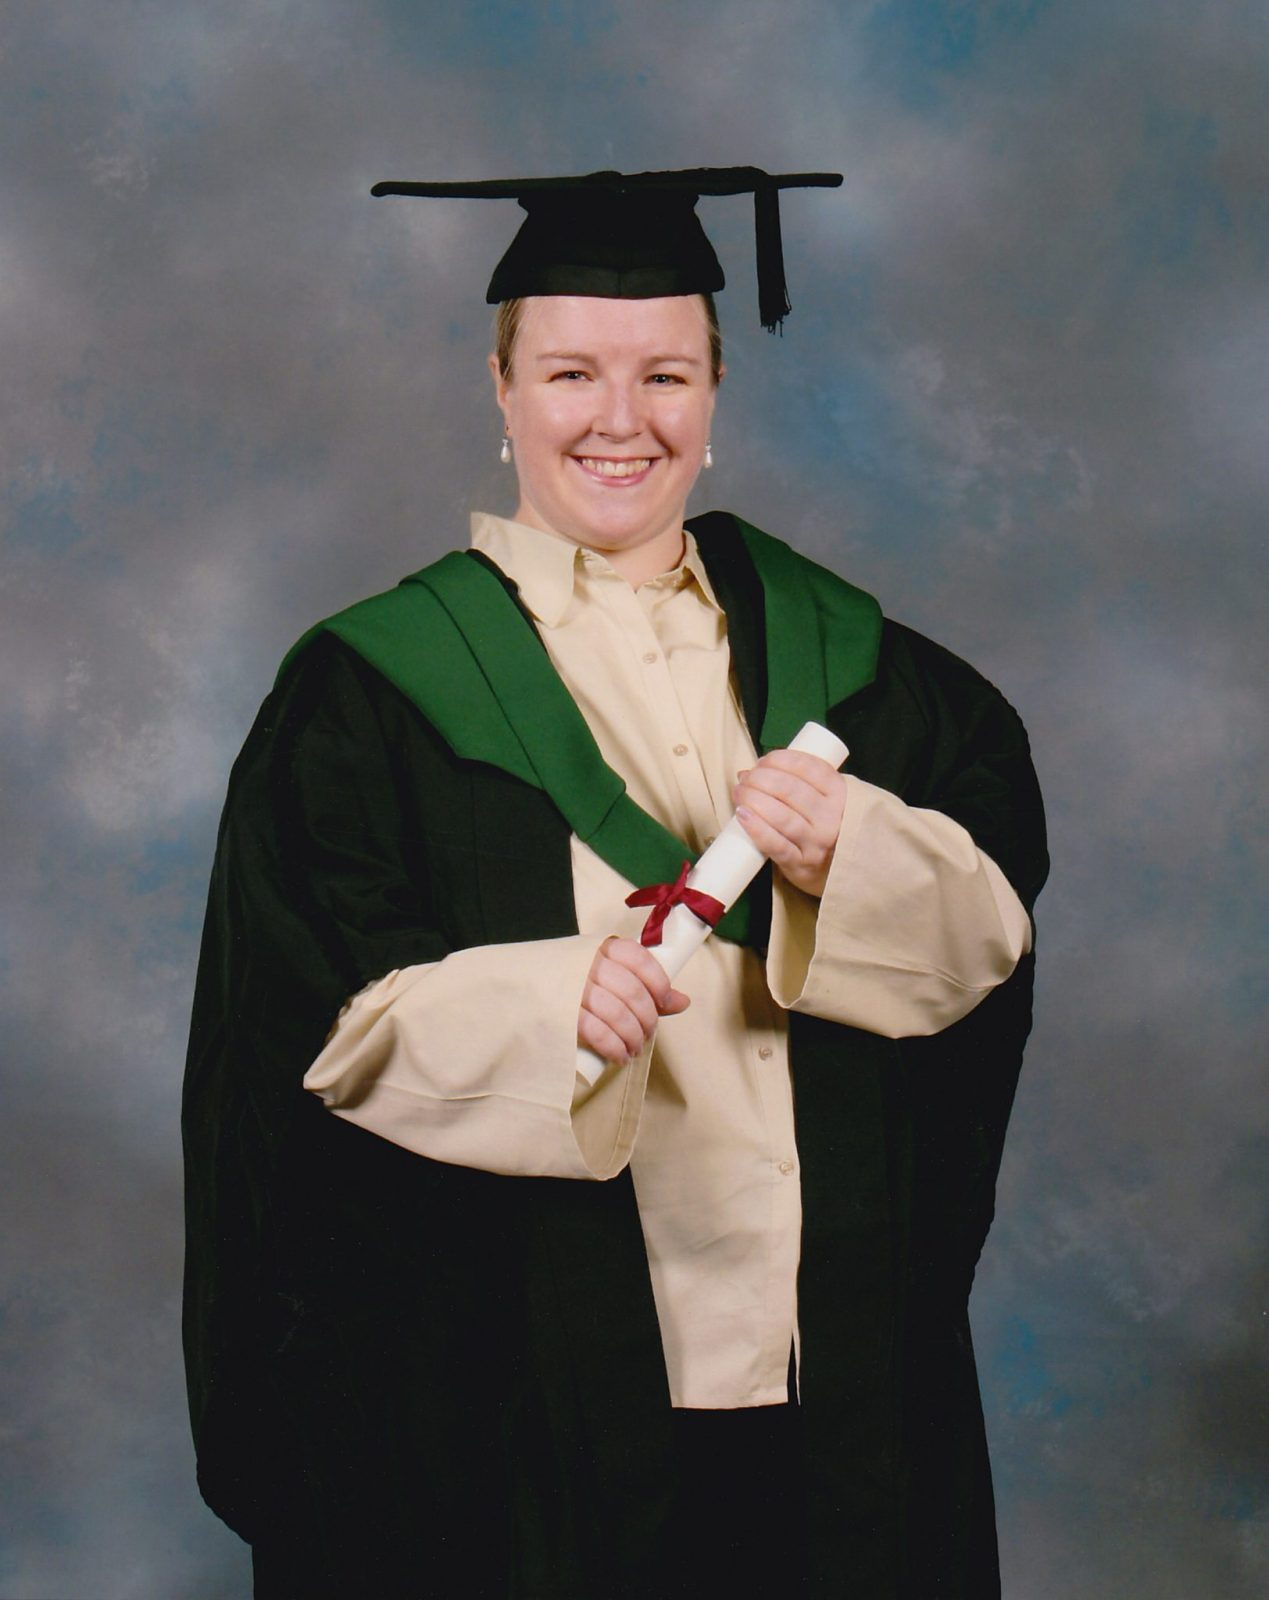 My Official Graduation photo enjoying life before Fibromyalgia